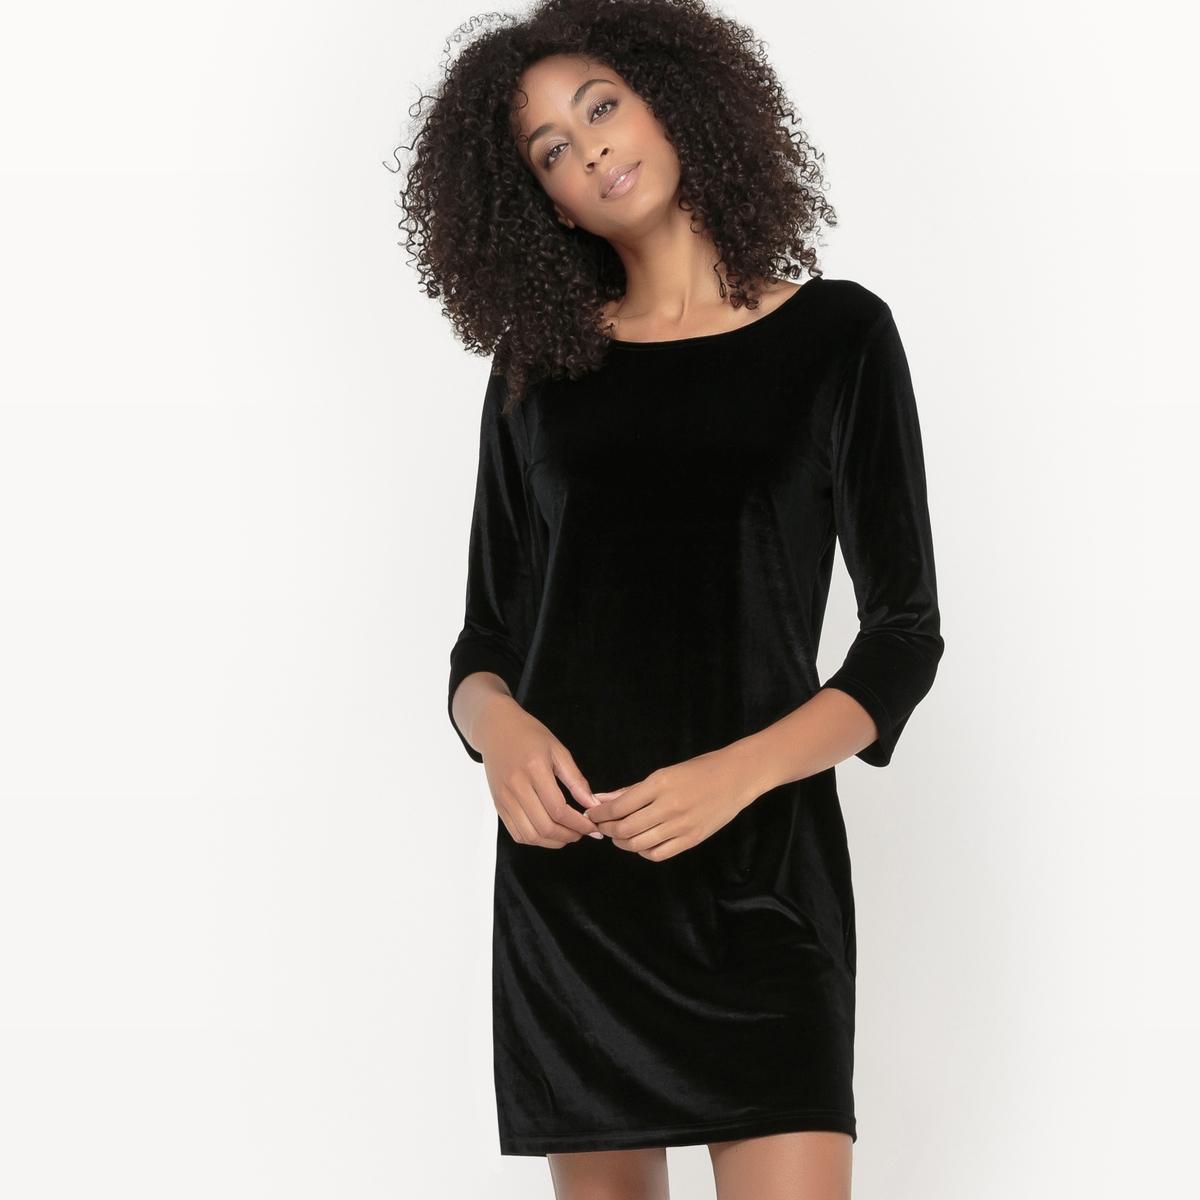 Платье с рукавами 3/4 VISIENNA DRESSПлатье с рукавами 3/4 VISIENNA DRESS от VILA . Платье прямого покроя, слегка приталенное . Из велюра. Круглый вырез. Состав и описание :Материал : 95% полиэстер, 5% эластанМарка : VILA.<br><br>Цвет: зеленый,черный<br>Размер: M.S